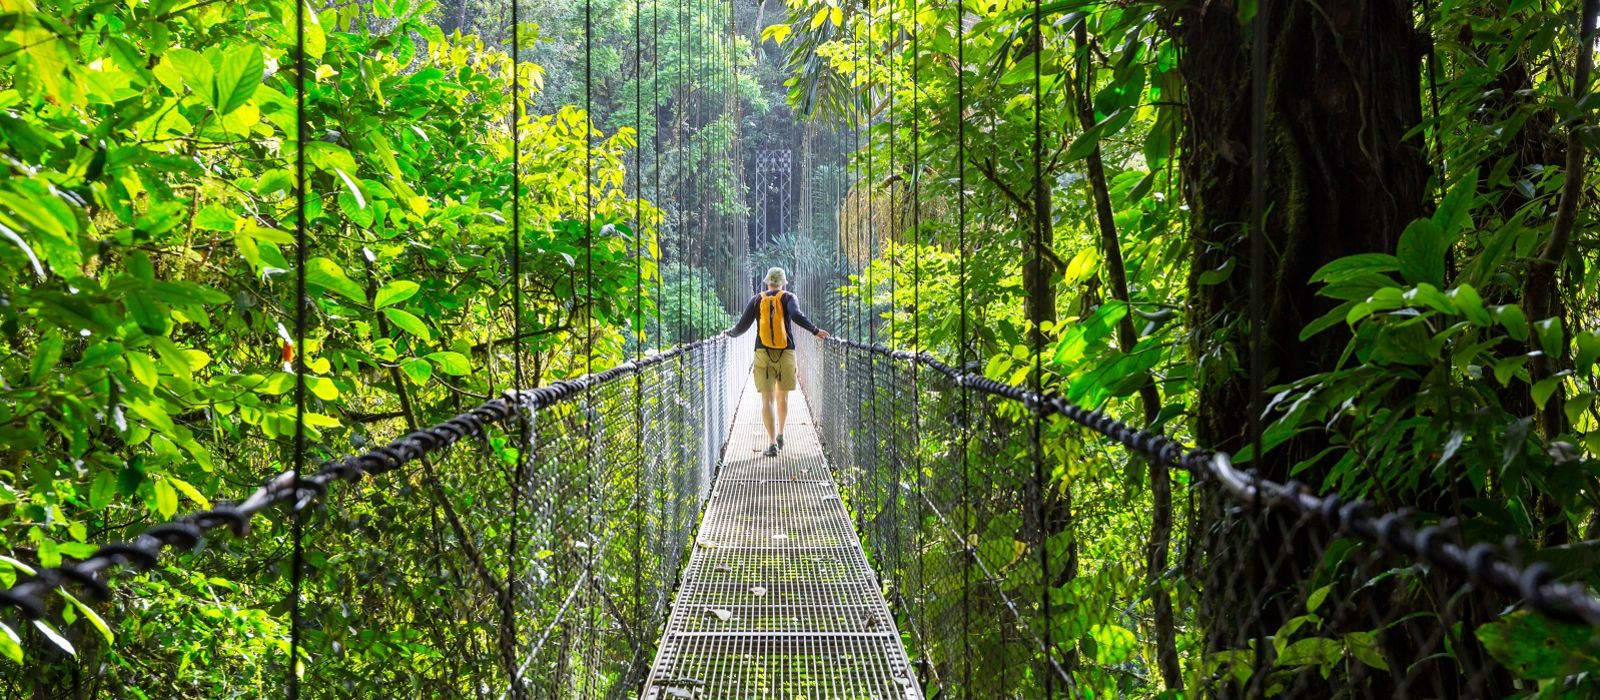 Classic Treasures of Costa Rica Tour Trip 5